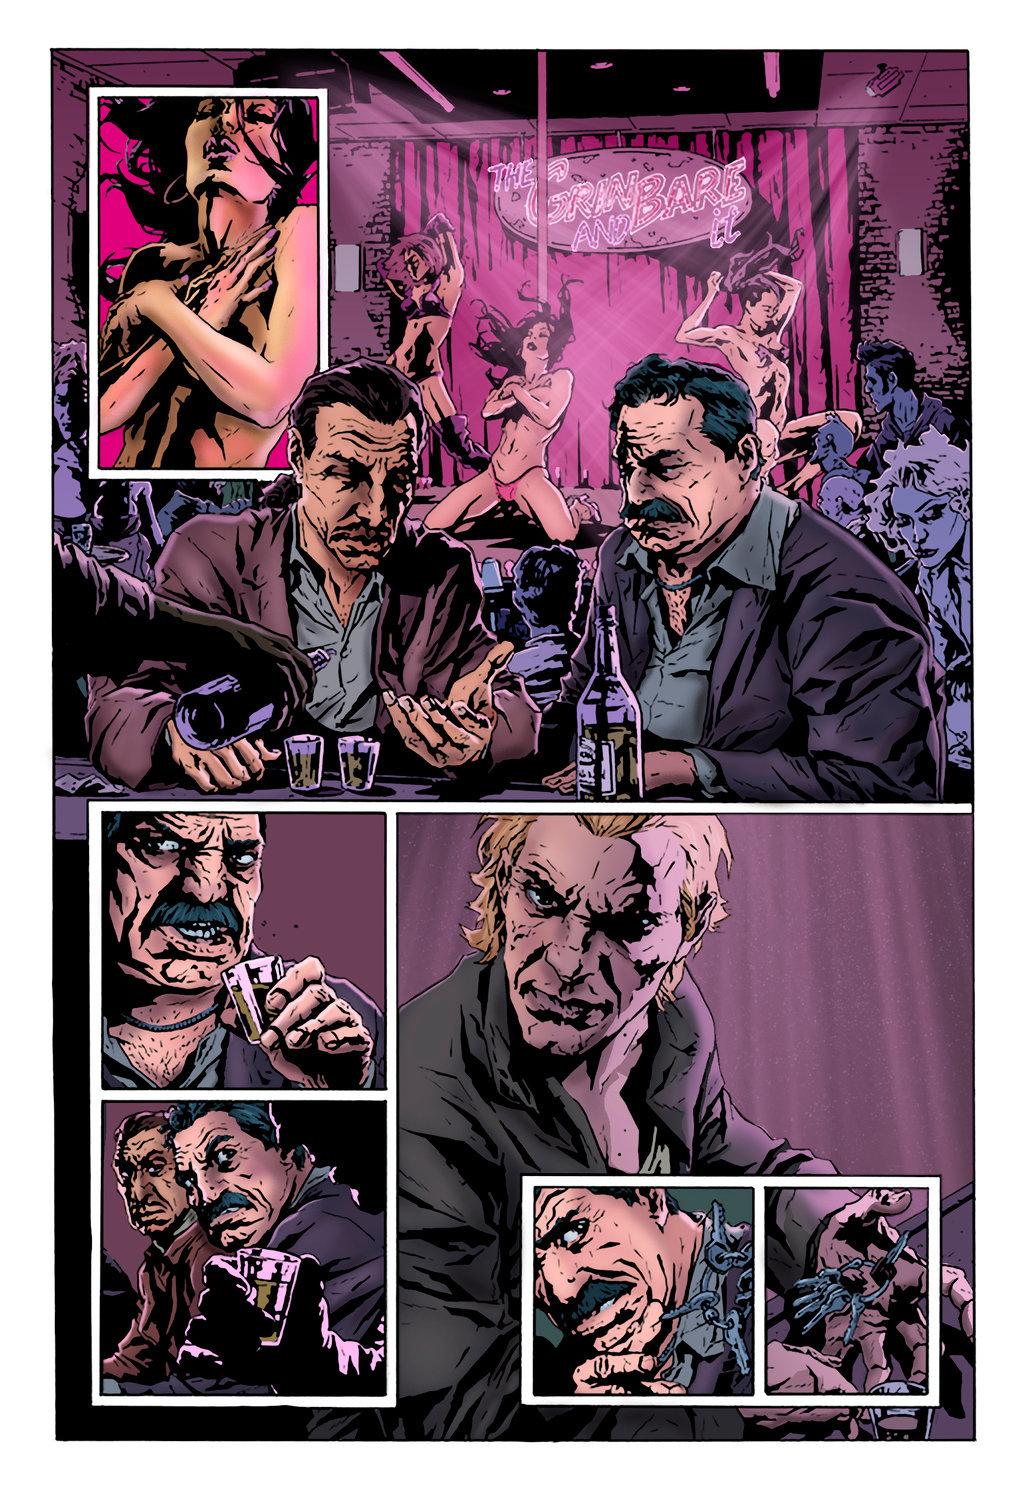 Matt james the joker graphic novel page by mattjamescomicarts d8wfcdj